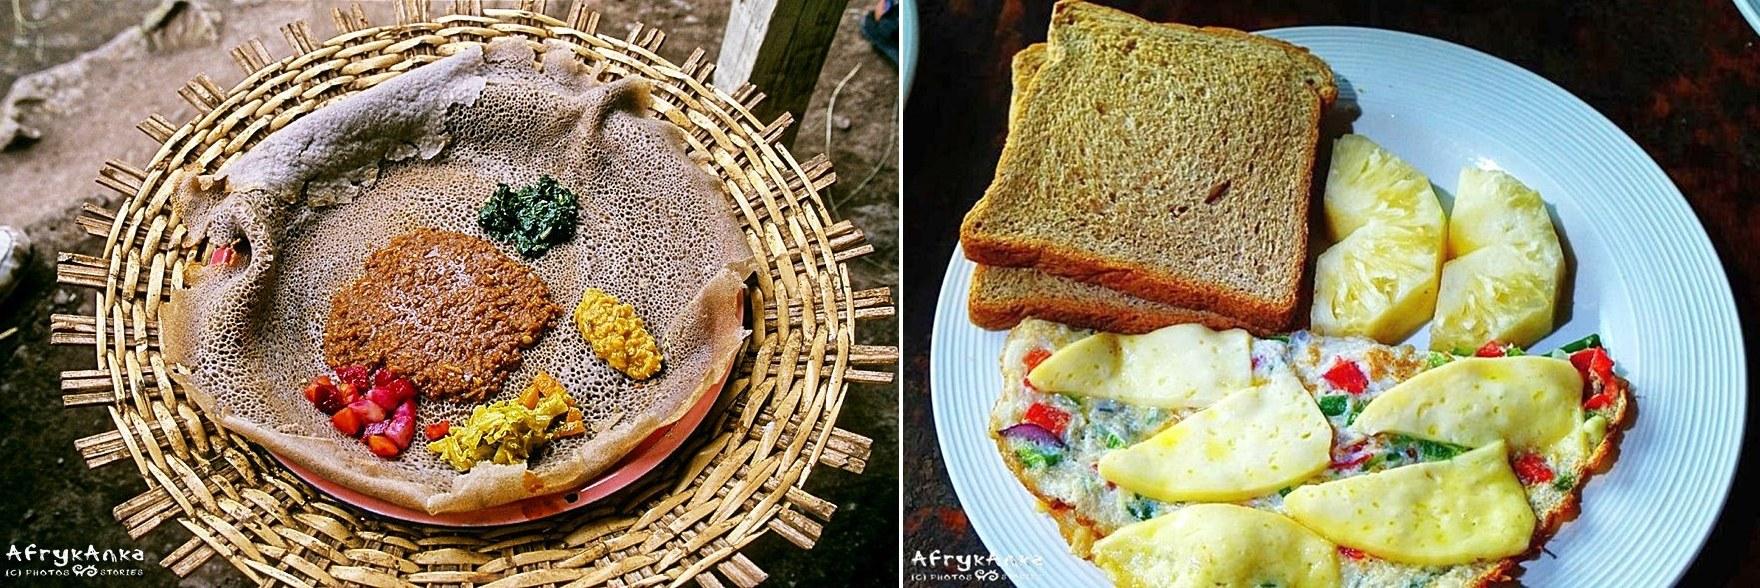 Etiopska injera - smak specyficzny, ale już jajecznica w Ugandzie - pycha!